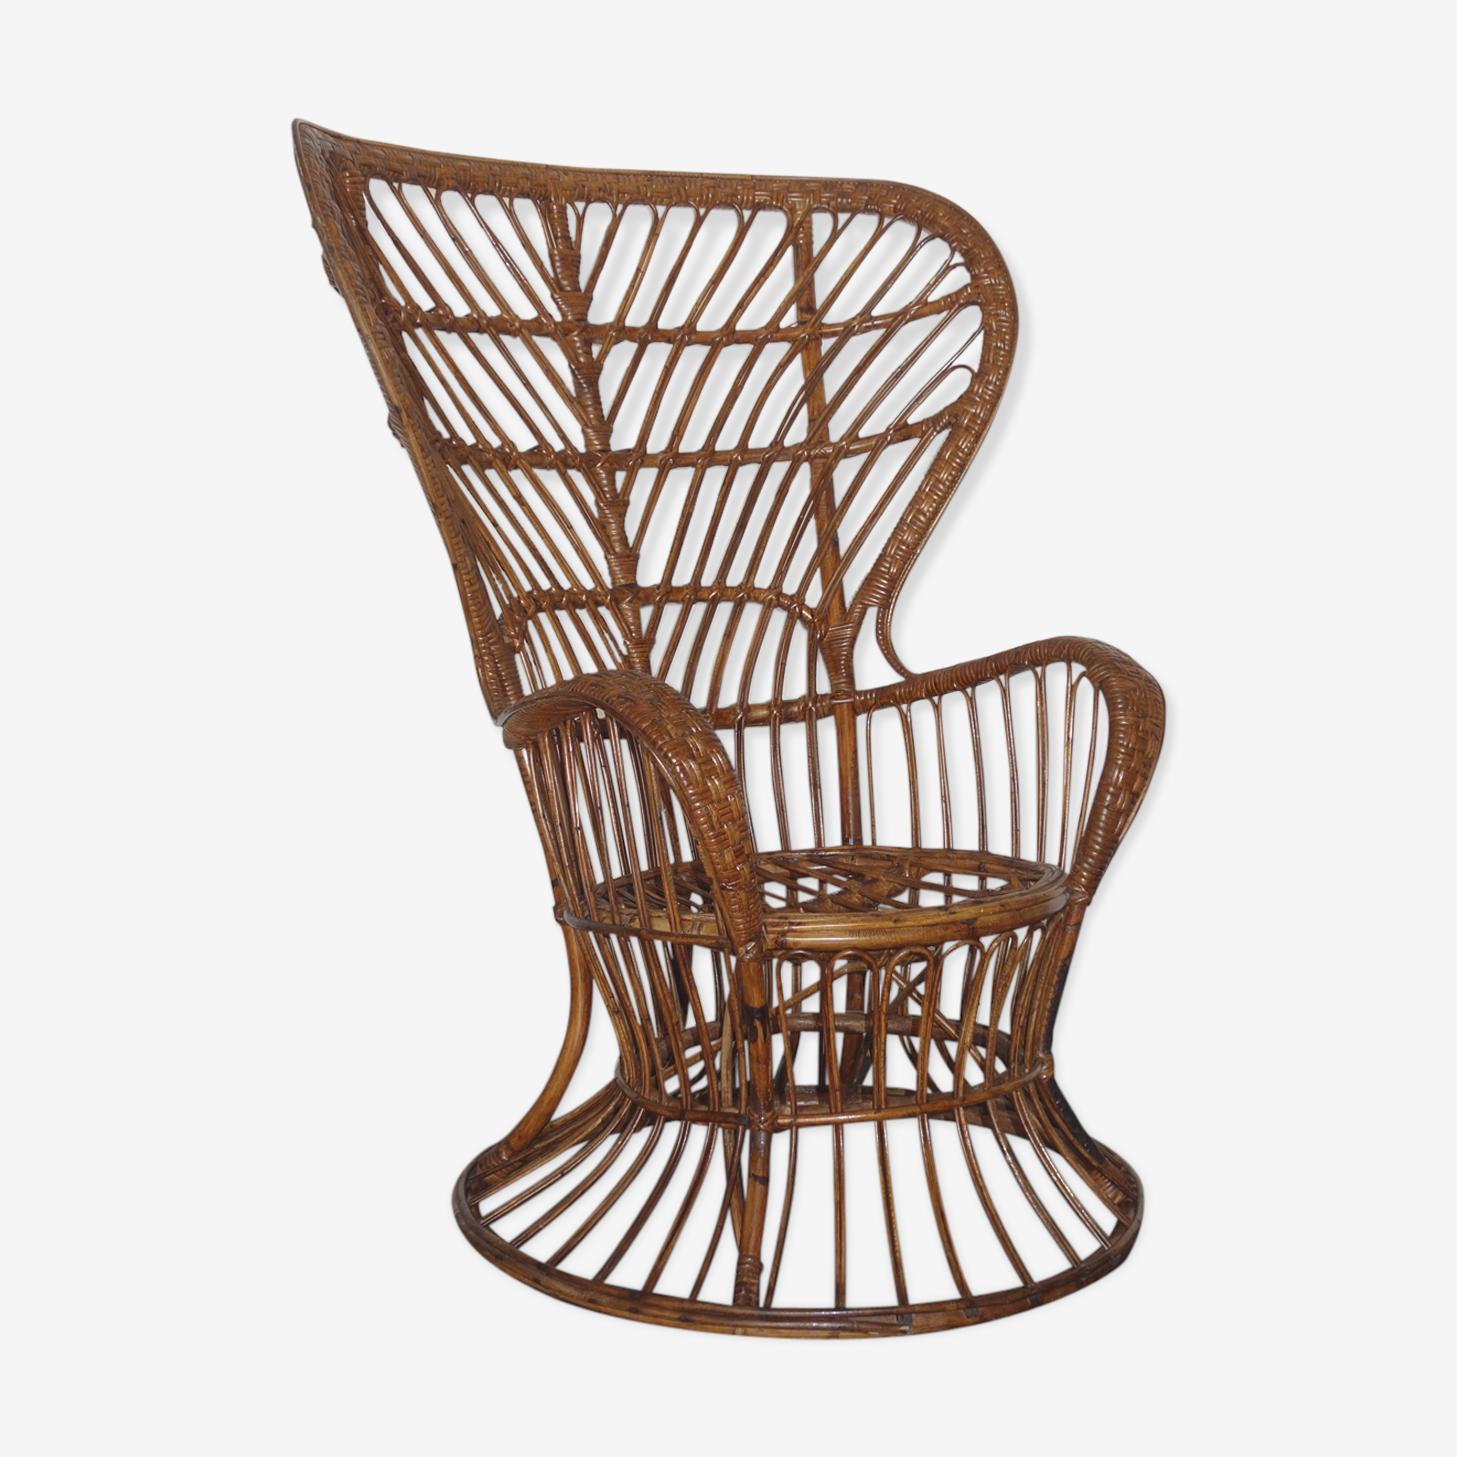 Armchair of Gio Ponti & Lio Carminati for Casa & Giardino, Milan, years 50